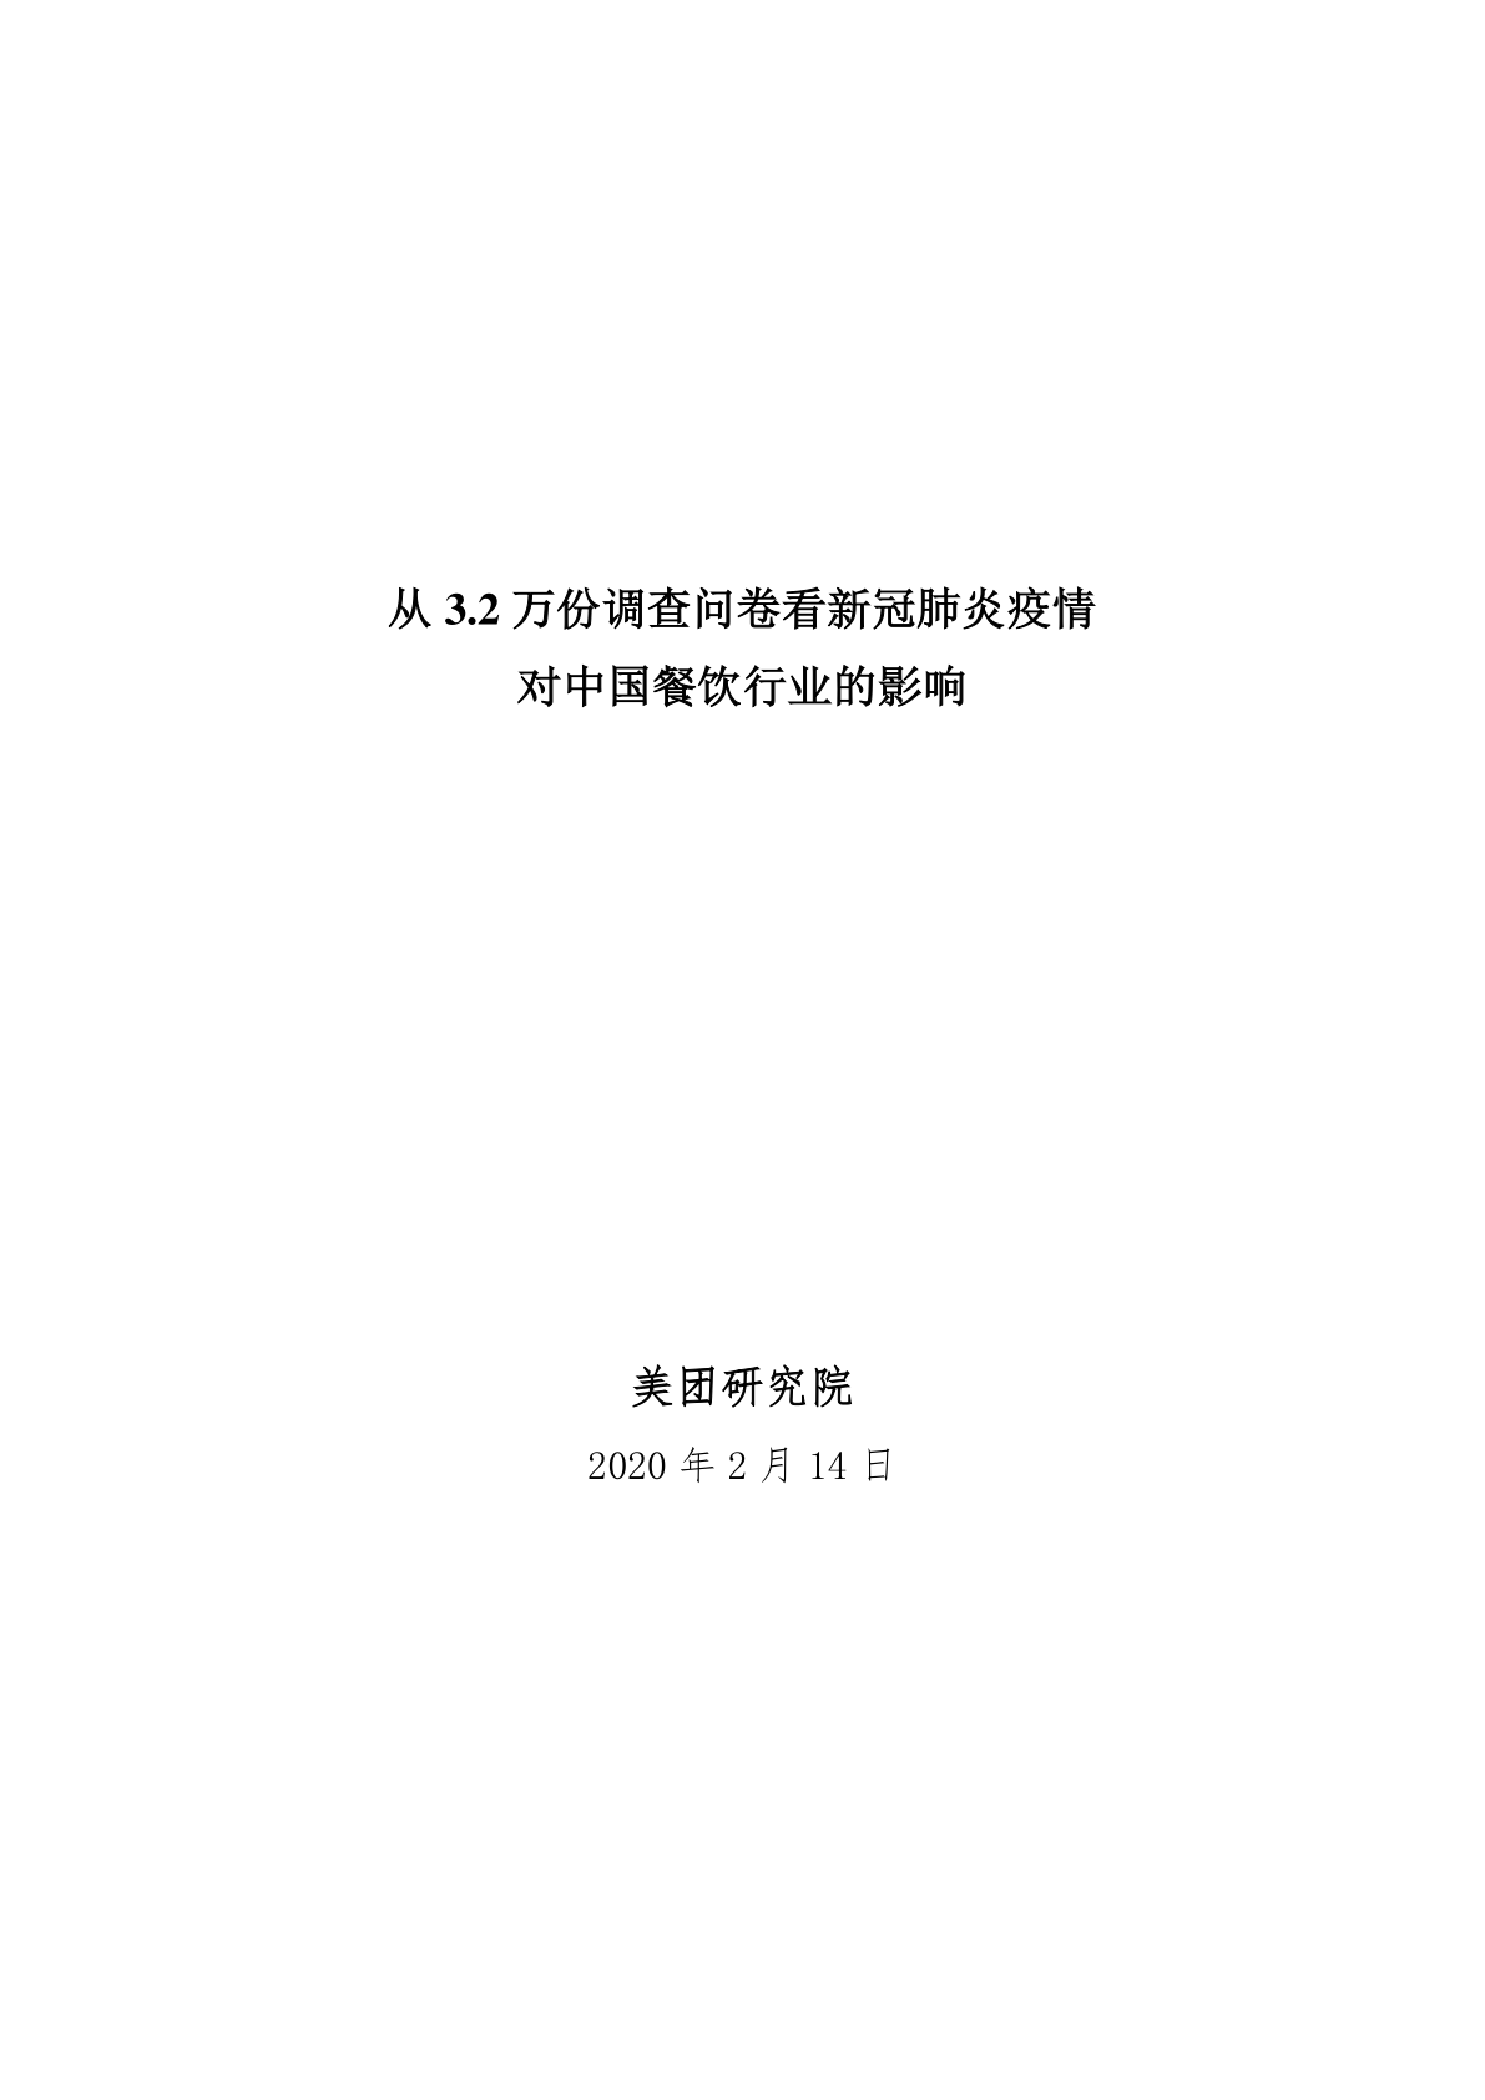 从3.2万份调查问卷看新冠肺炎疫情对中国餐饮行业的影响